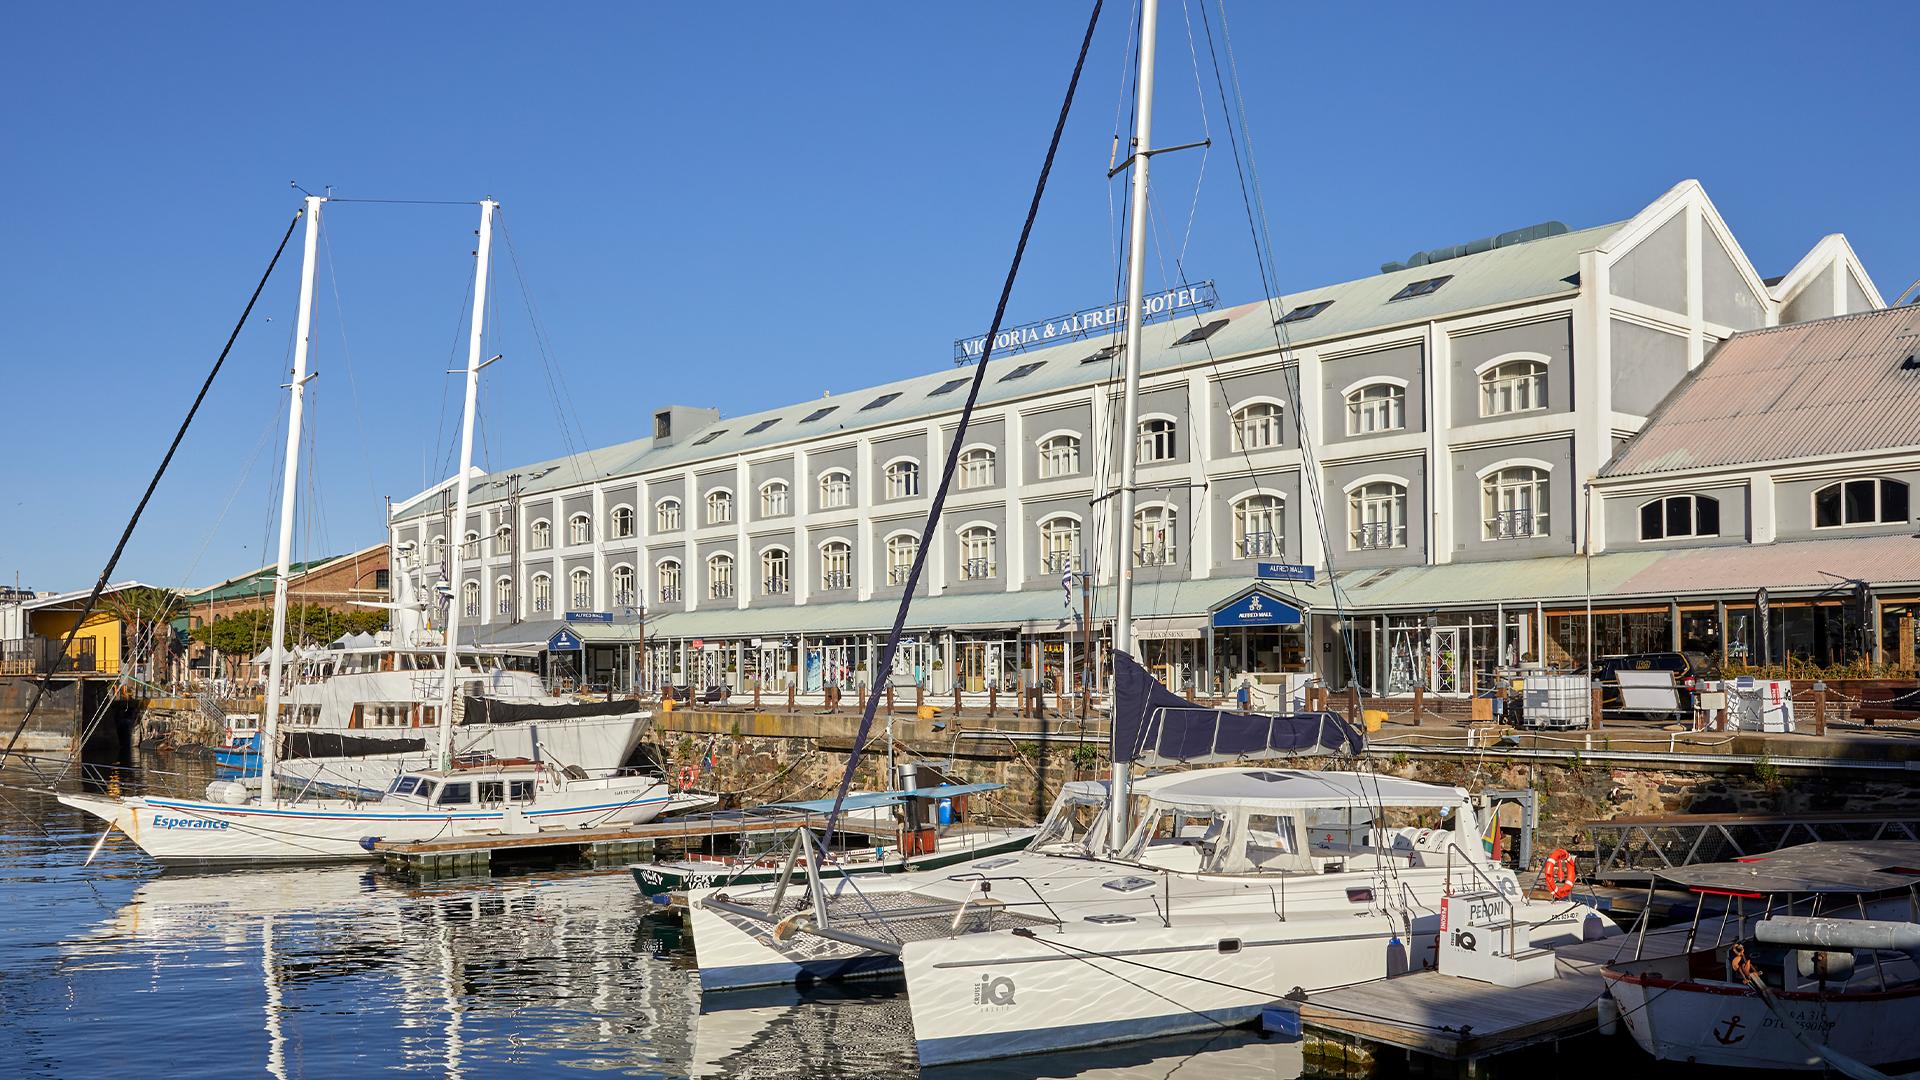 Victoria-&-Alfred-Hotel-Cape-Town